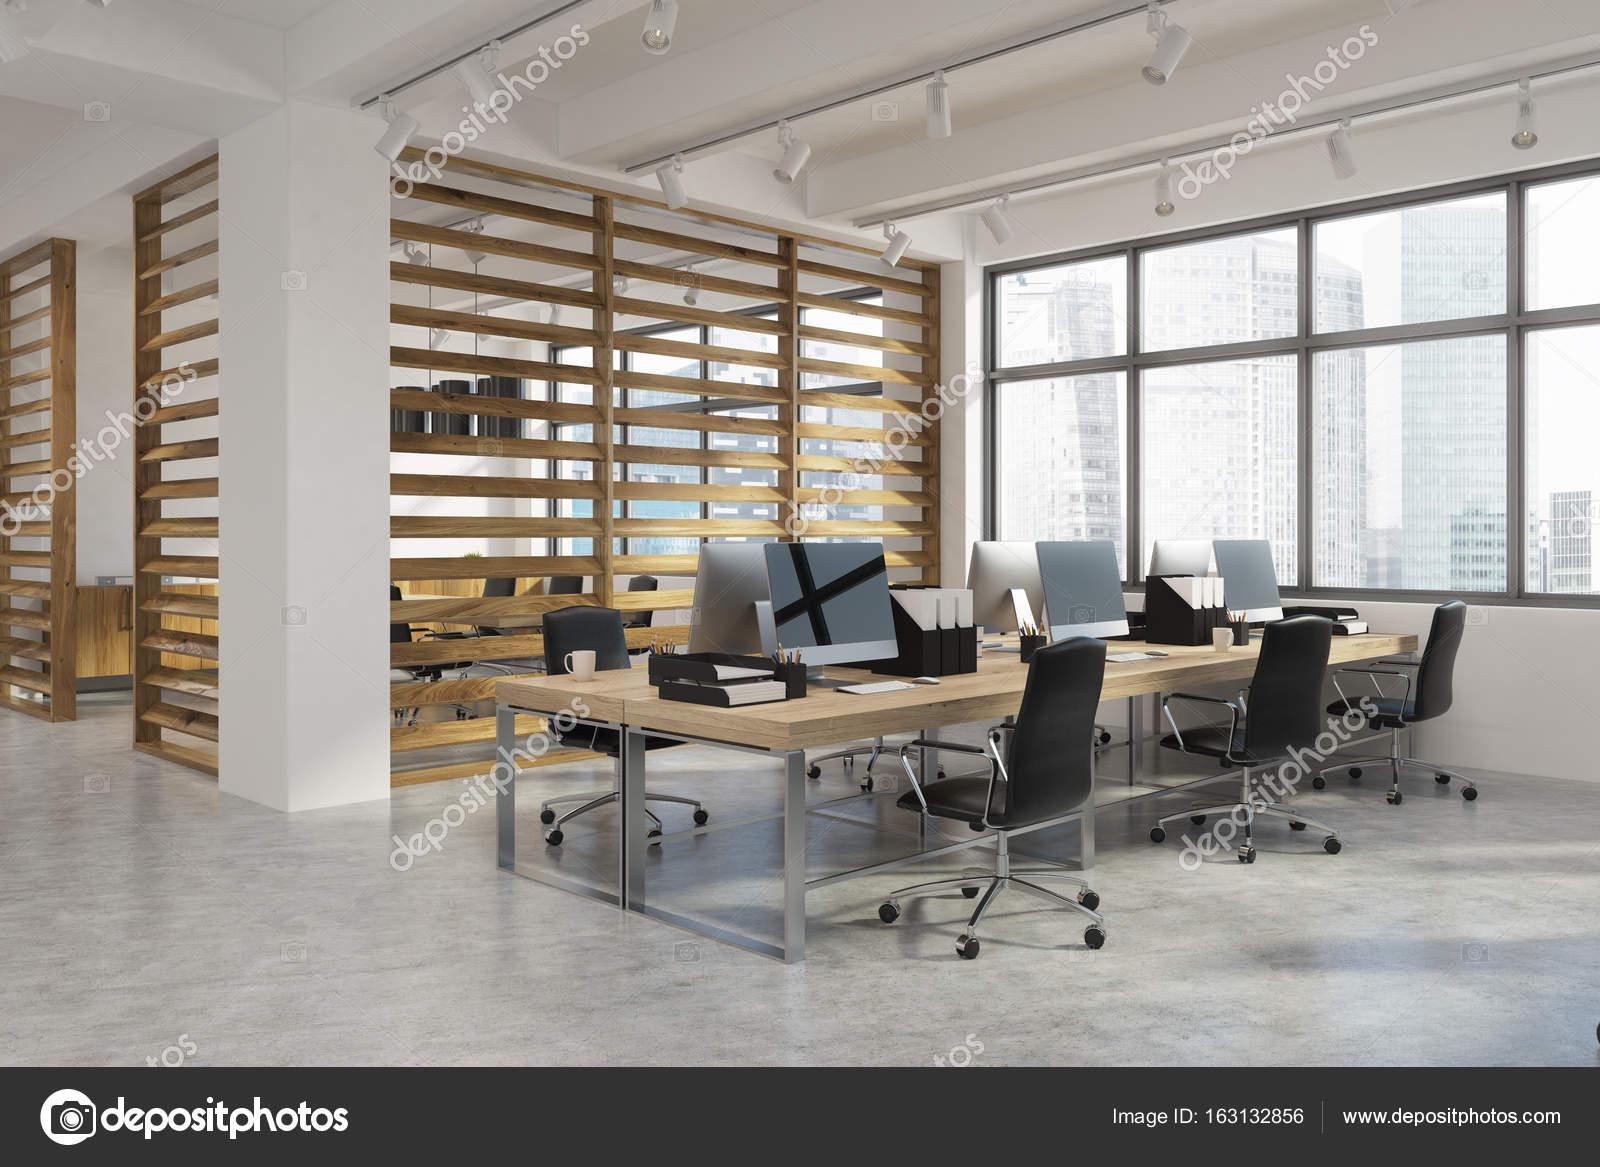 Interieur De Bureau Ouvert Avec Murs De Planche